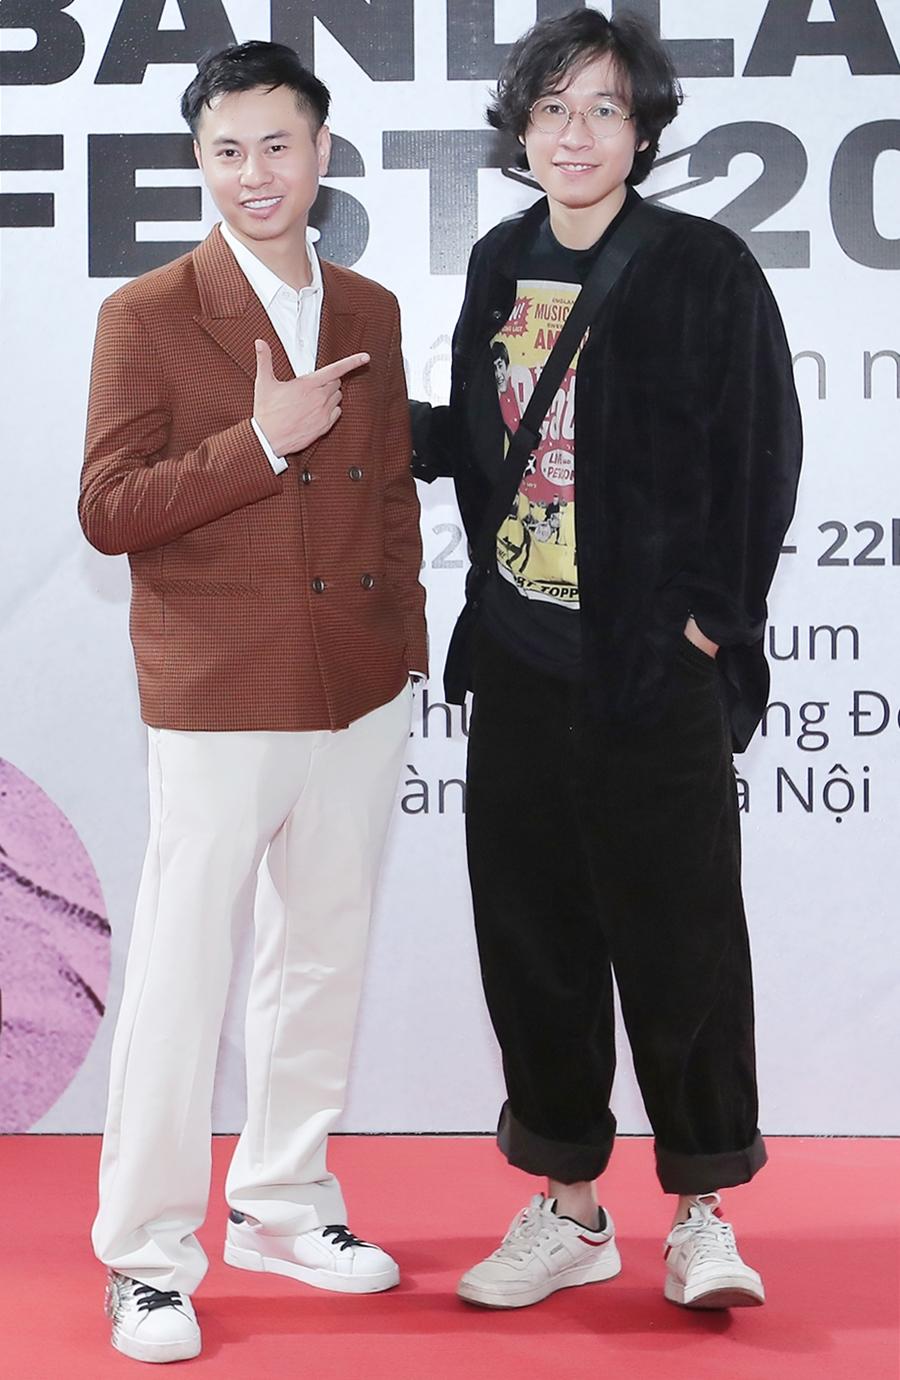 Vũ Đinh Trọng Thắng của nhóm Ngọt (phải) và nhạc sĩ Dương Cầm tại họp báo Bandland Fest. Chương trình diễn ra vào ngày 13/12 tại trung tâm sự kiện Vạn Hoa, Hà Nội. Ảnh: Hòa Nguyễn.